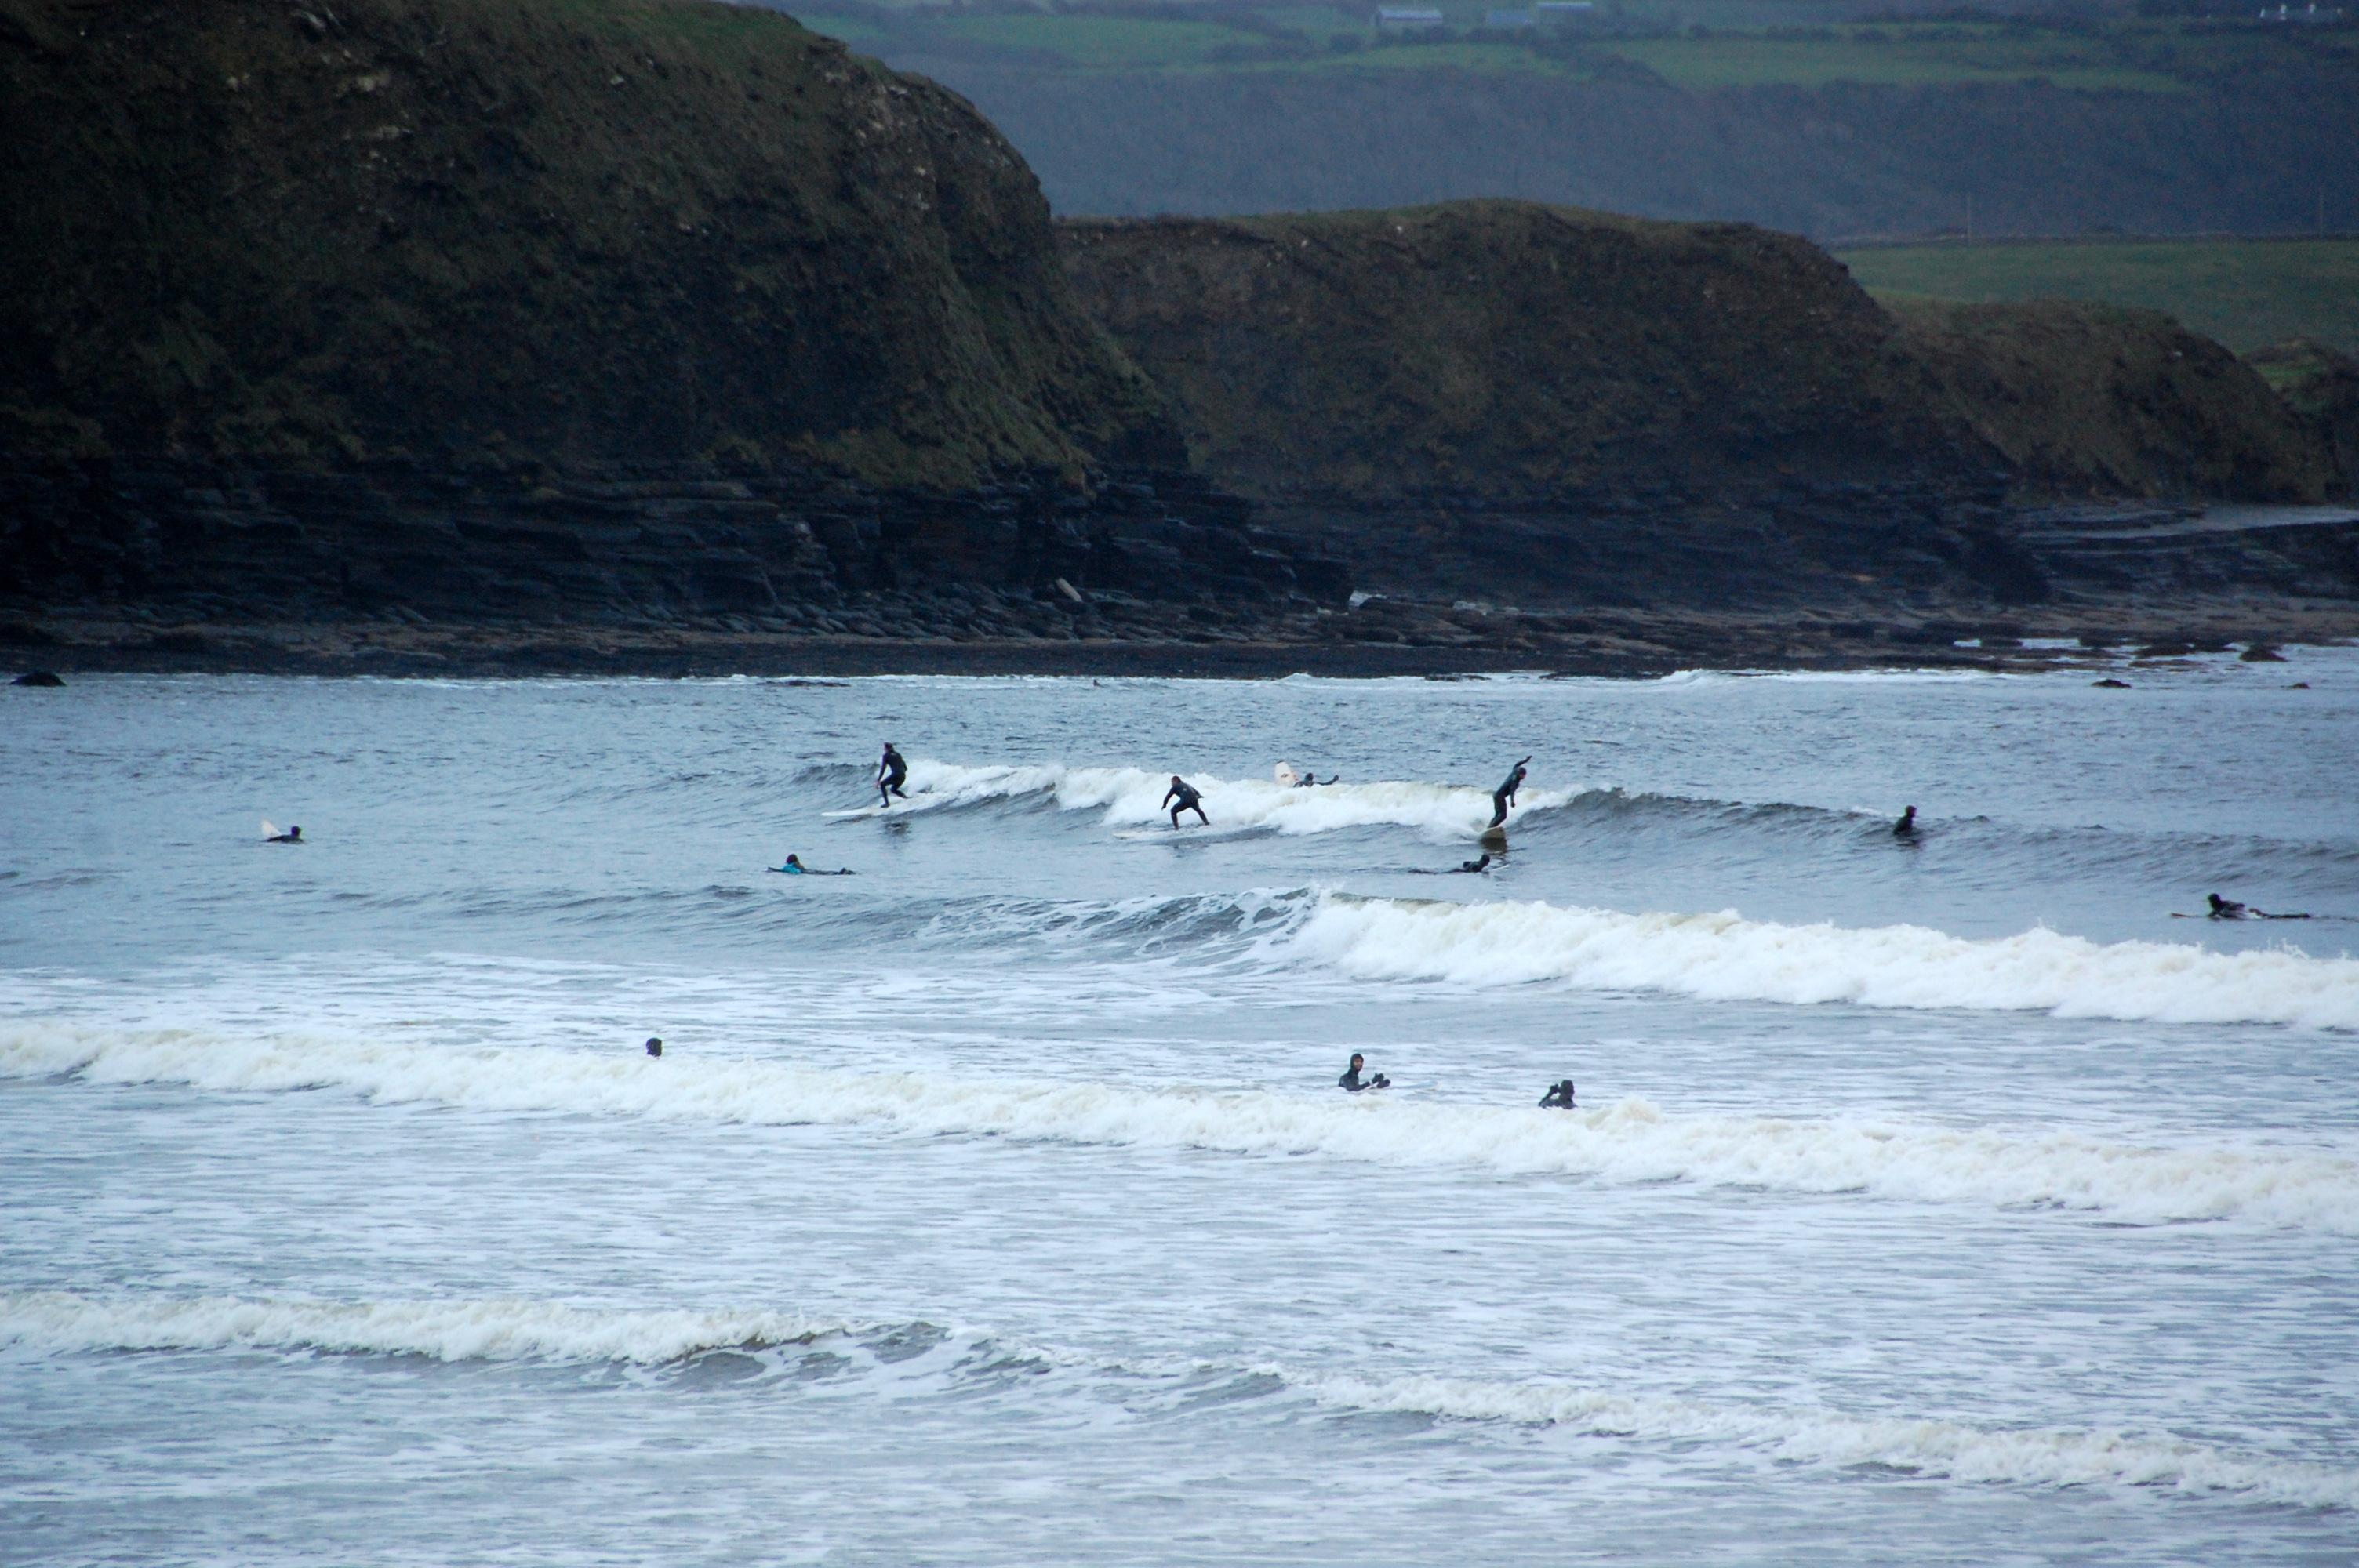 Surfers_in_Lahinch,_Feb_2012